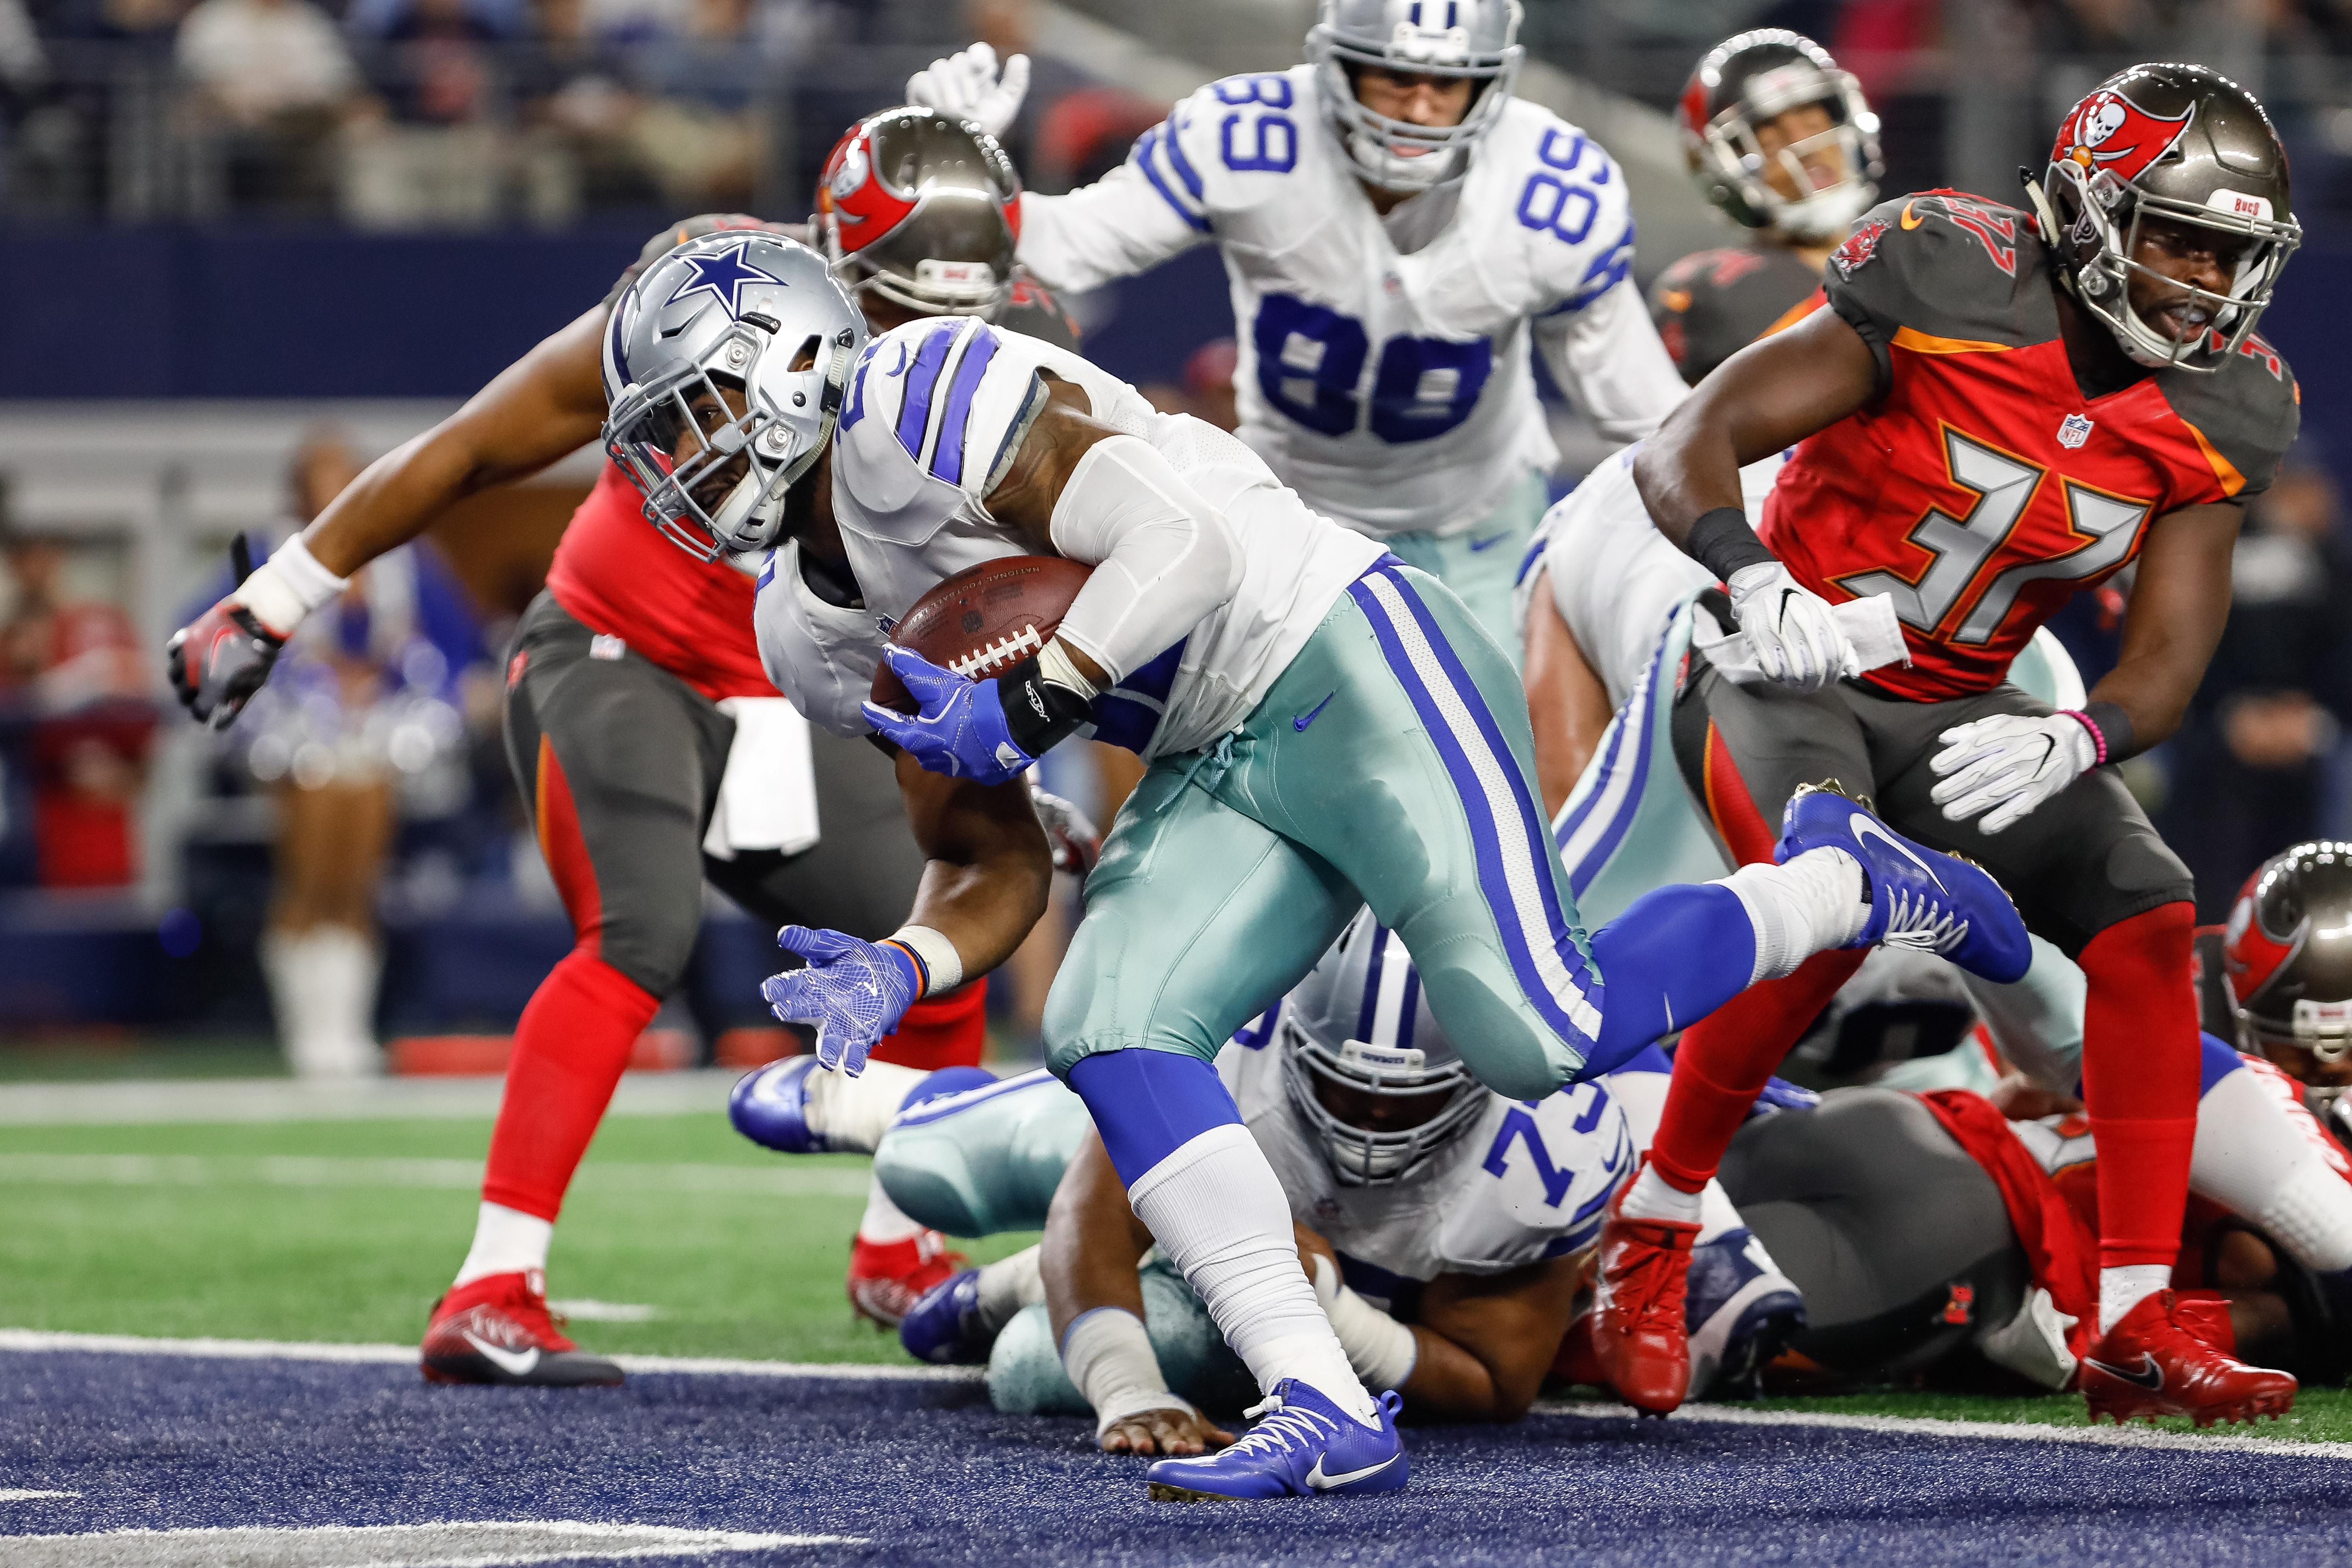 NFL: DEC 18 Buccaneers at Cowboys